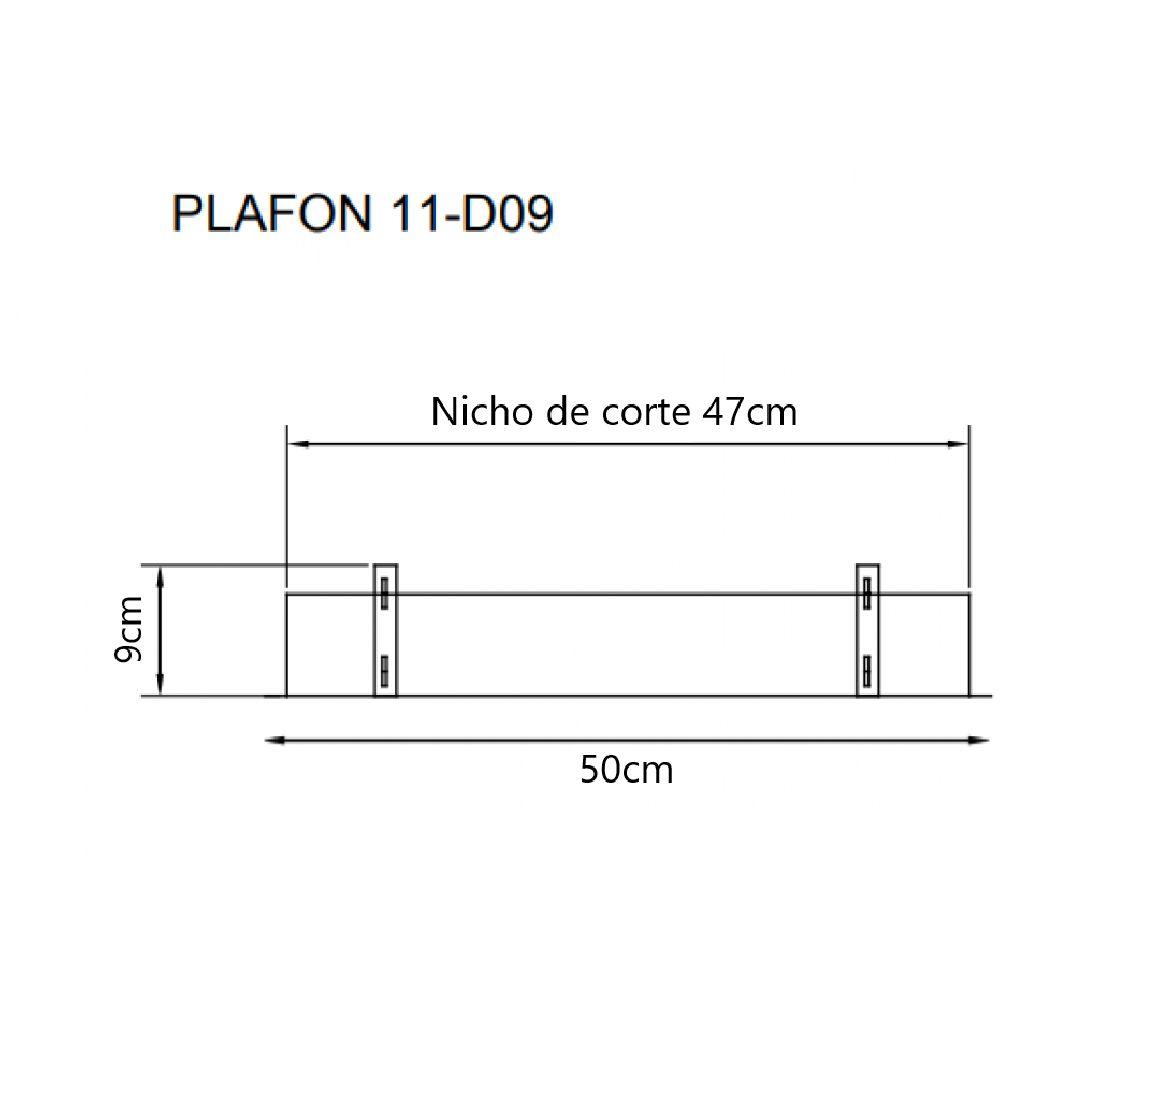 Plafon Rebatedor Embutir Quadrado 50cm Branco Luz Indireta Quarto Sala de Estar Living